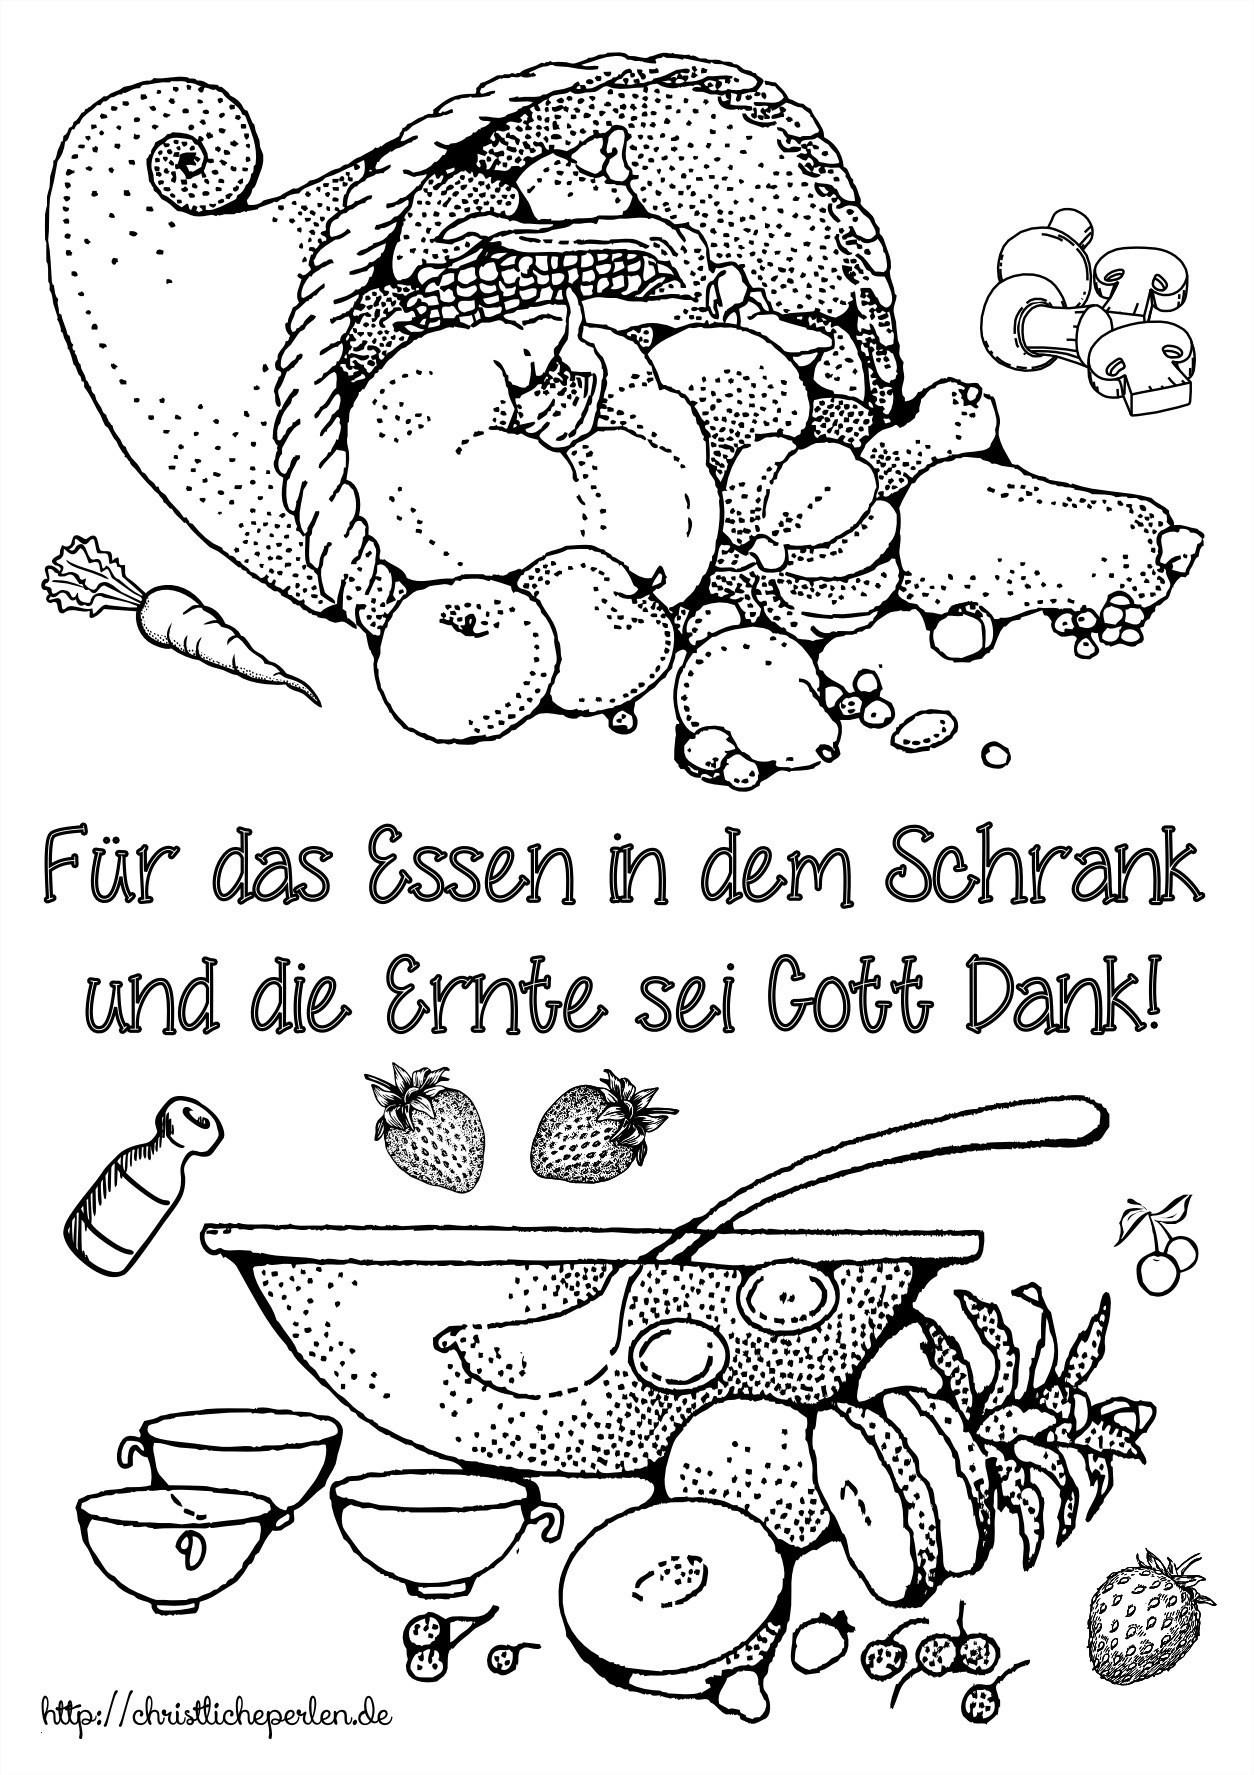 Elsa Ausmalbilder Zum Drucken Genial Malvorlagen Anna Und Elsa Zum Ausdrucken Neu Malvorlagen Igel Best Bild